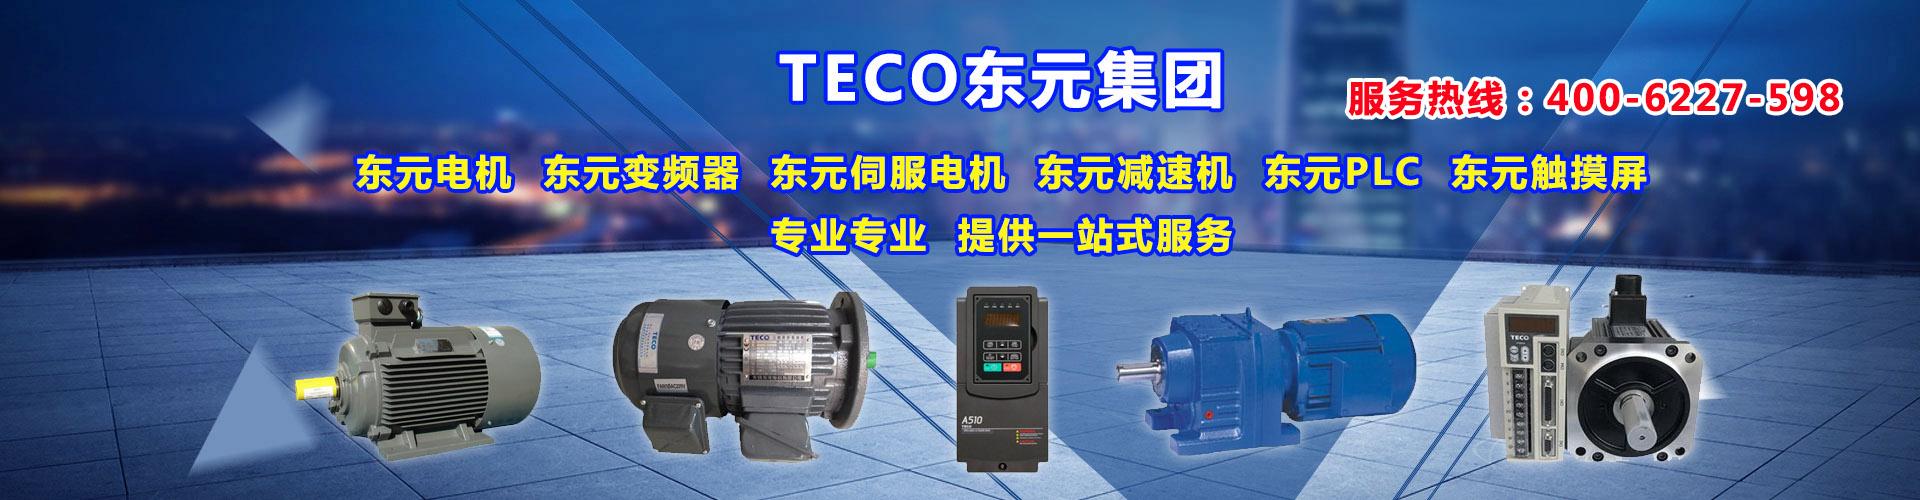 东元电机一站式服务